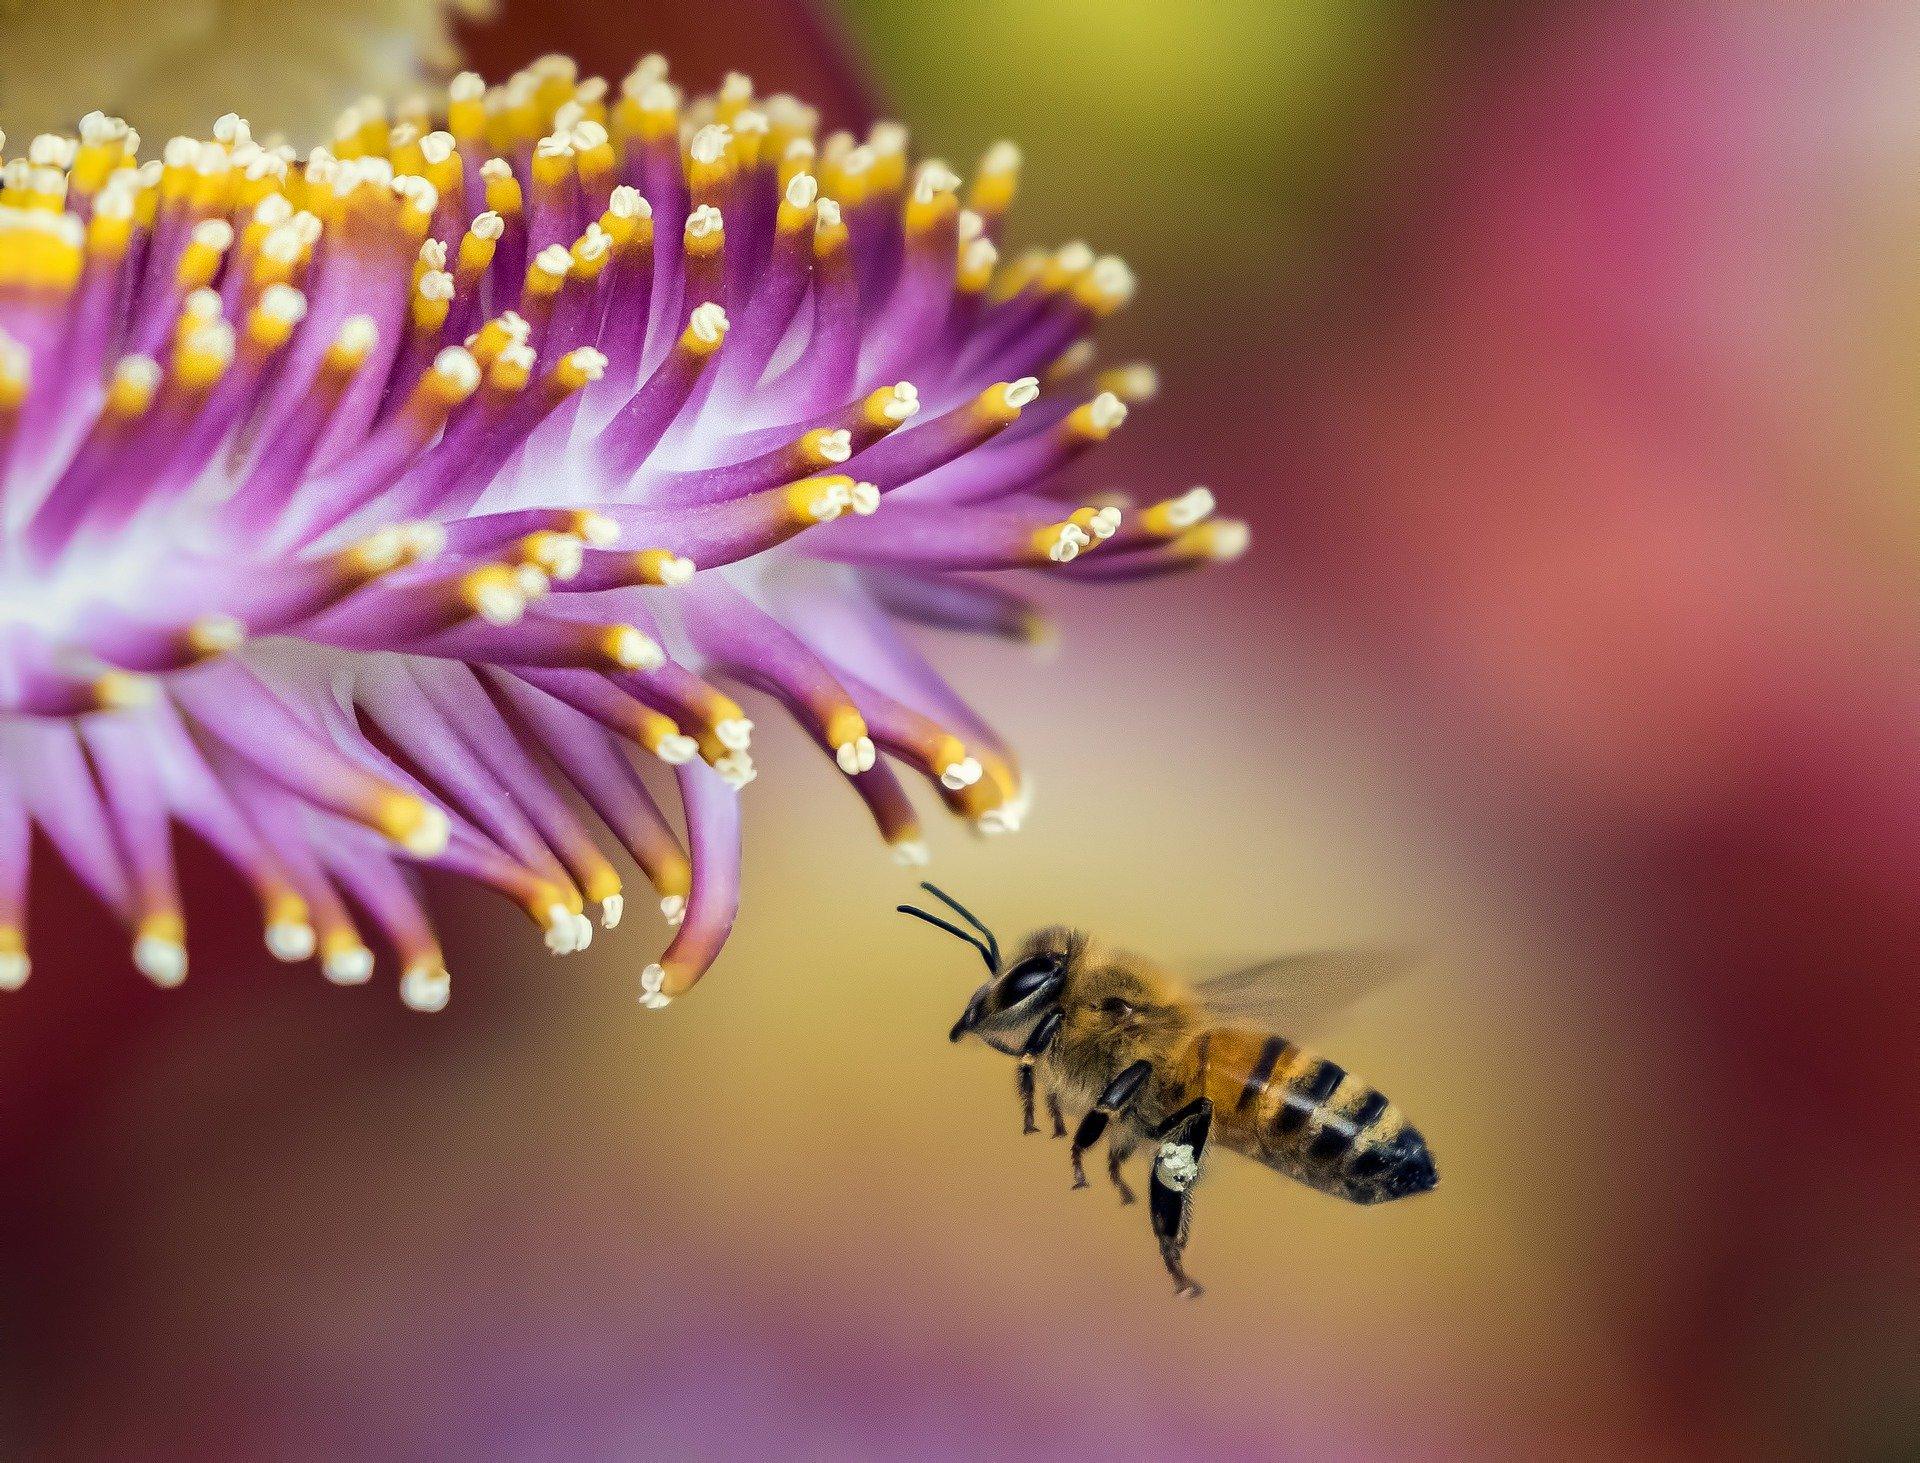 Honeybees found to have rightward bias under certain circumstances